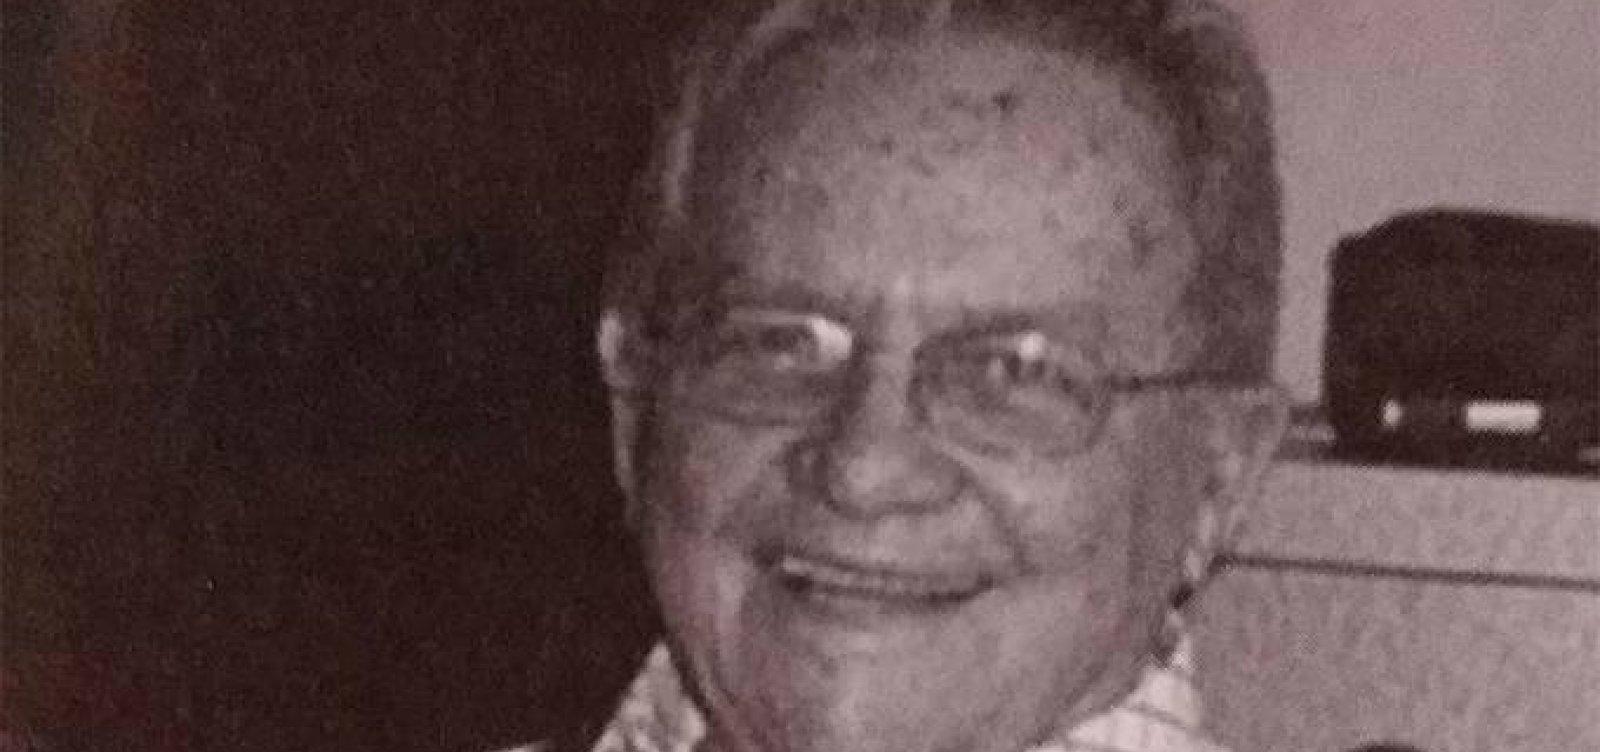 Morre aos 95 anos o ex-deputado Alencar Furtado, ícone da oposição à ditadura